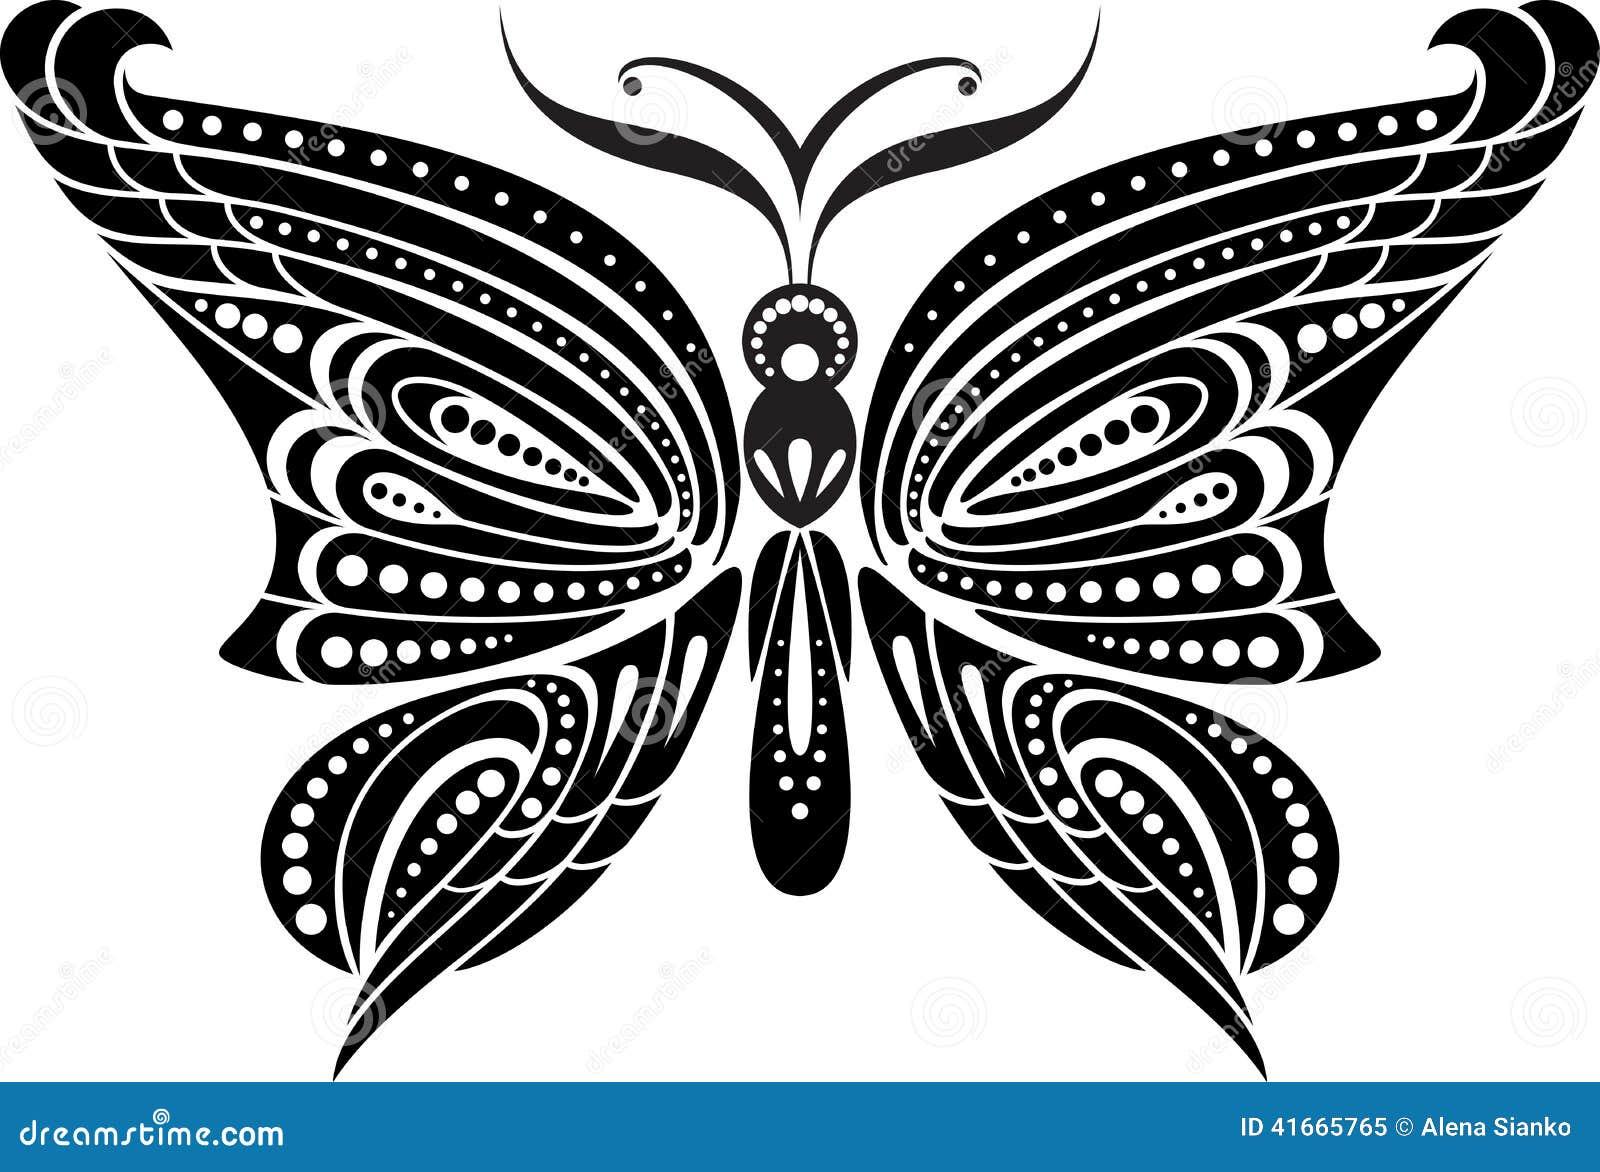 Mariposa De La Silueta Con Las Alas Delicadas Dibujo Blanco Y Negro